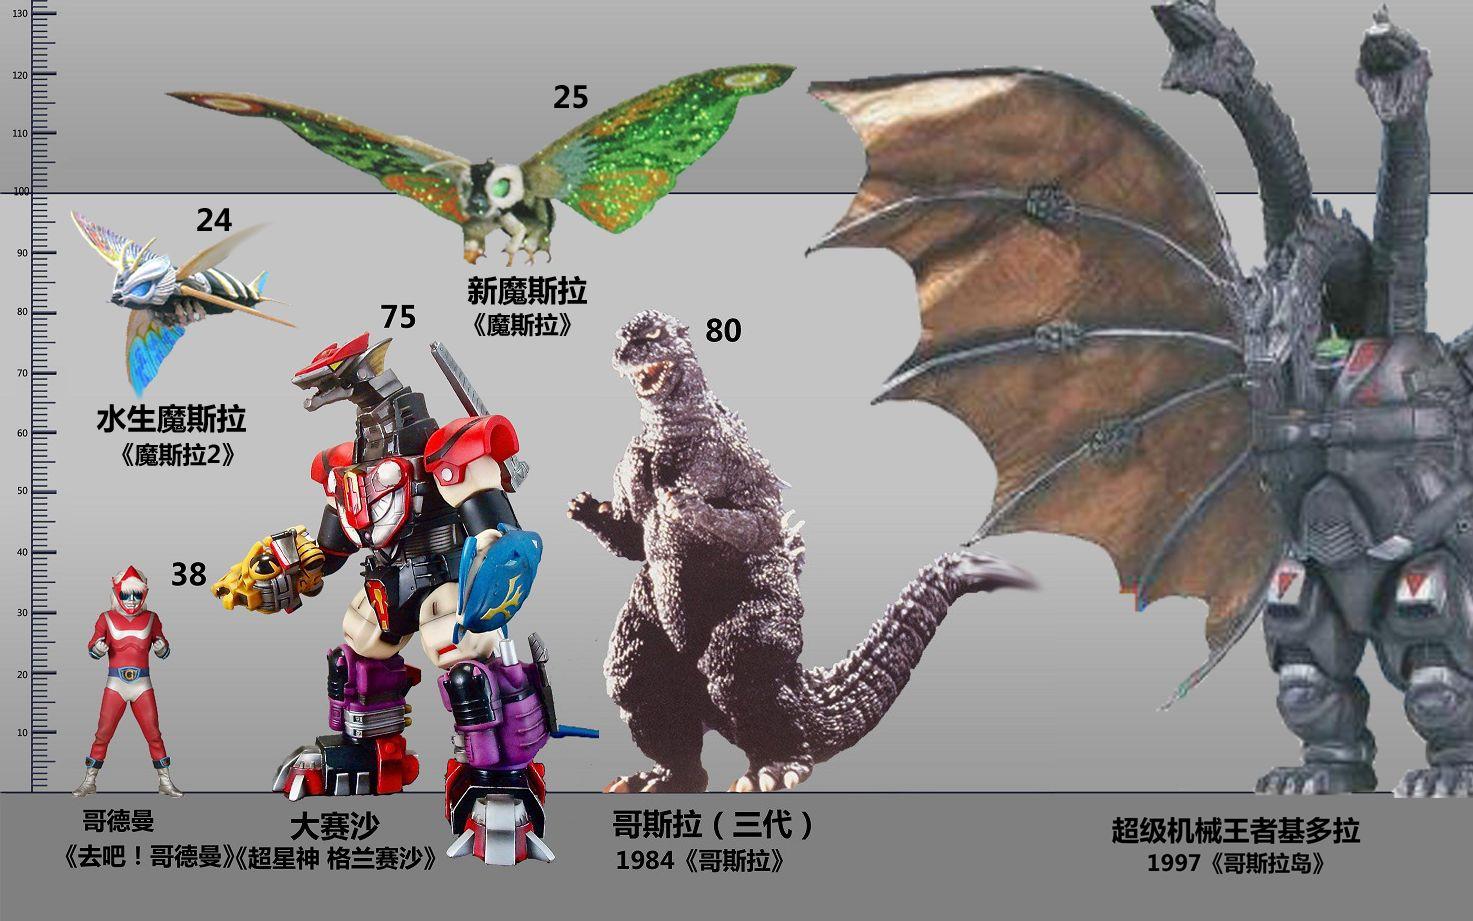 【比例图】东宝特摄系列 历代作品怪兽比例图